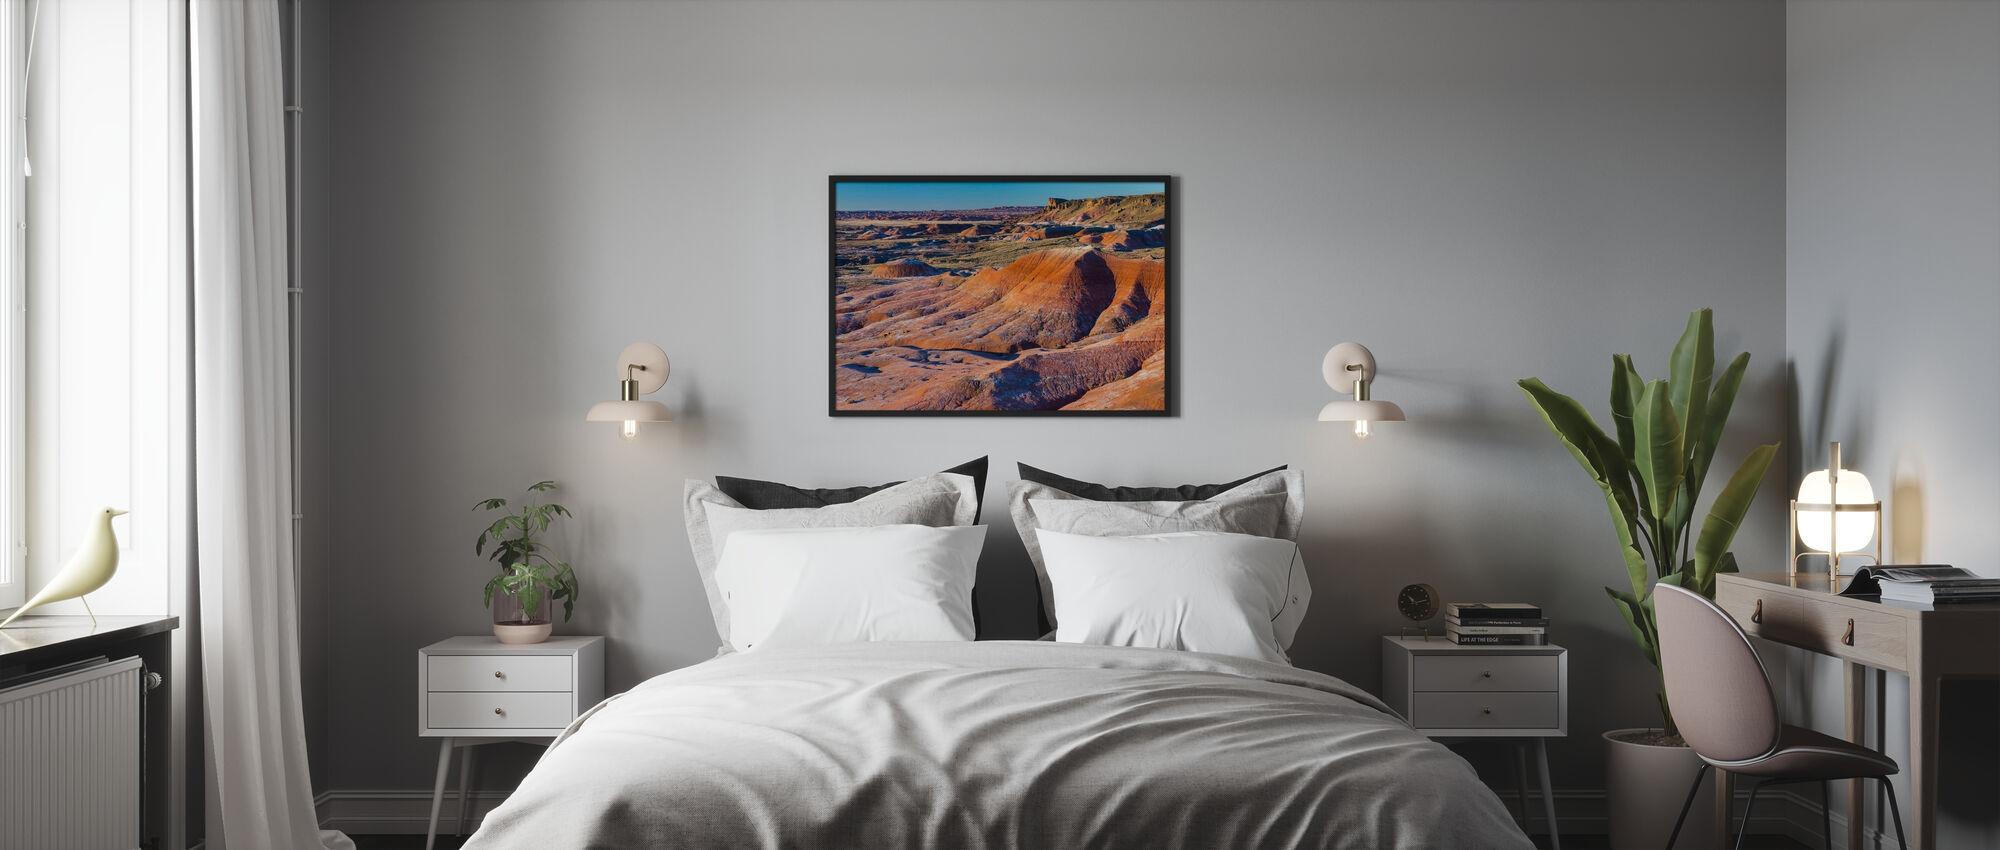 Colourful Badlands - Poster - Bedroom